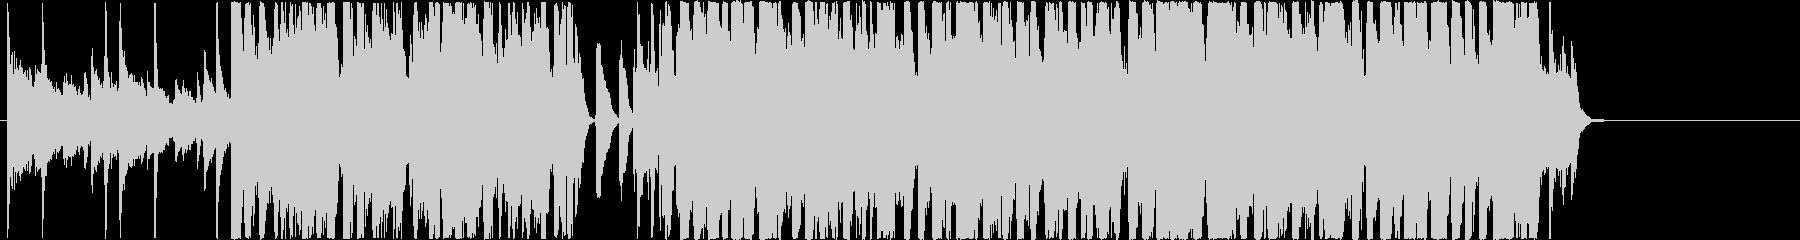 ジングルベルのジャズアレンジBGMの未再生の波形